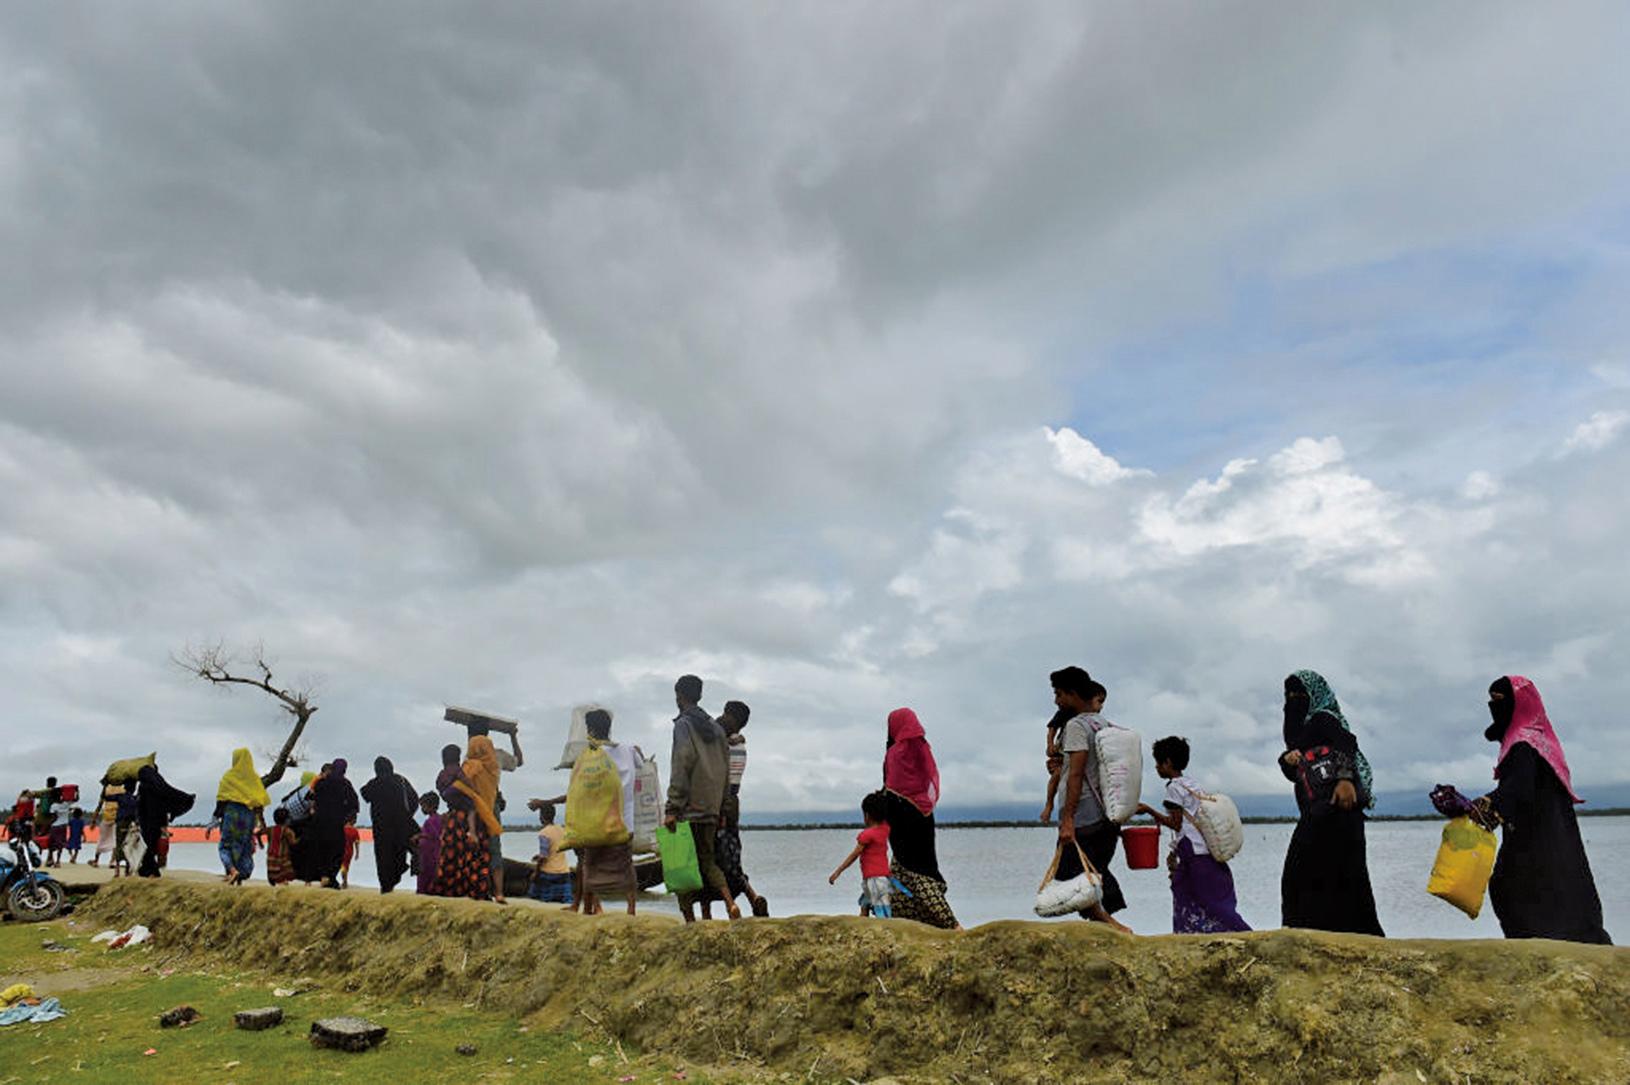 緬甸西部的持續暴力衝突,已經迫使37萬羅興亞穆斯林越境逃往孟加拉國,令孟加拉招架不住。(Getty Images)